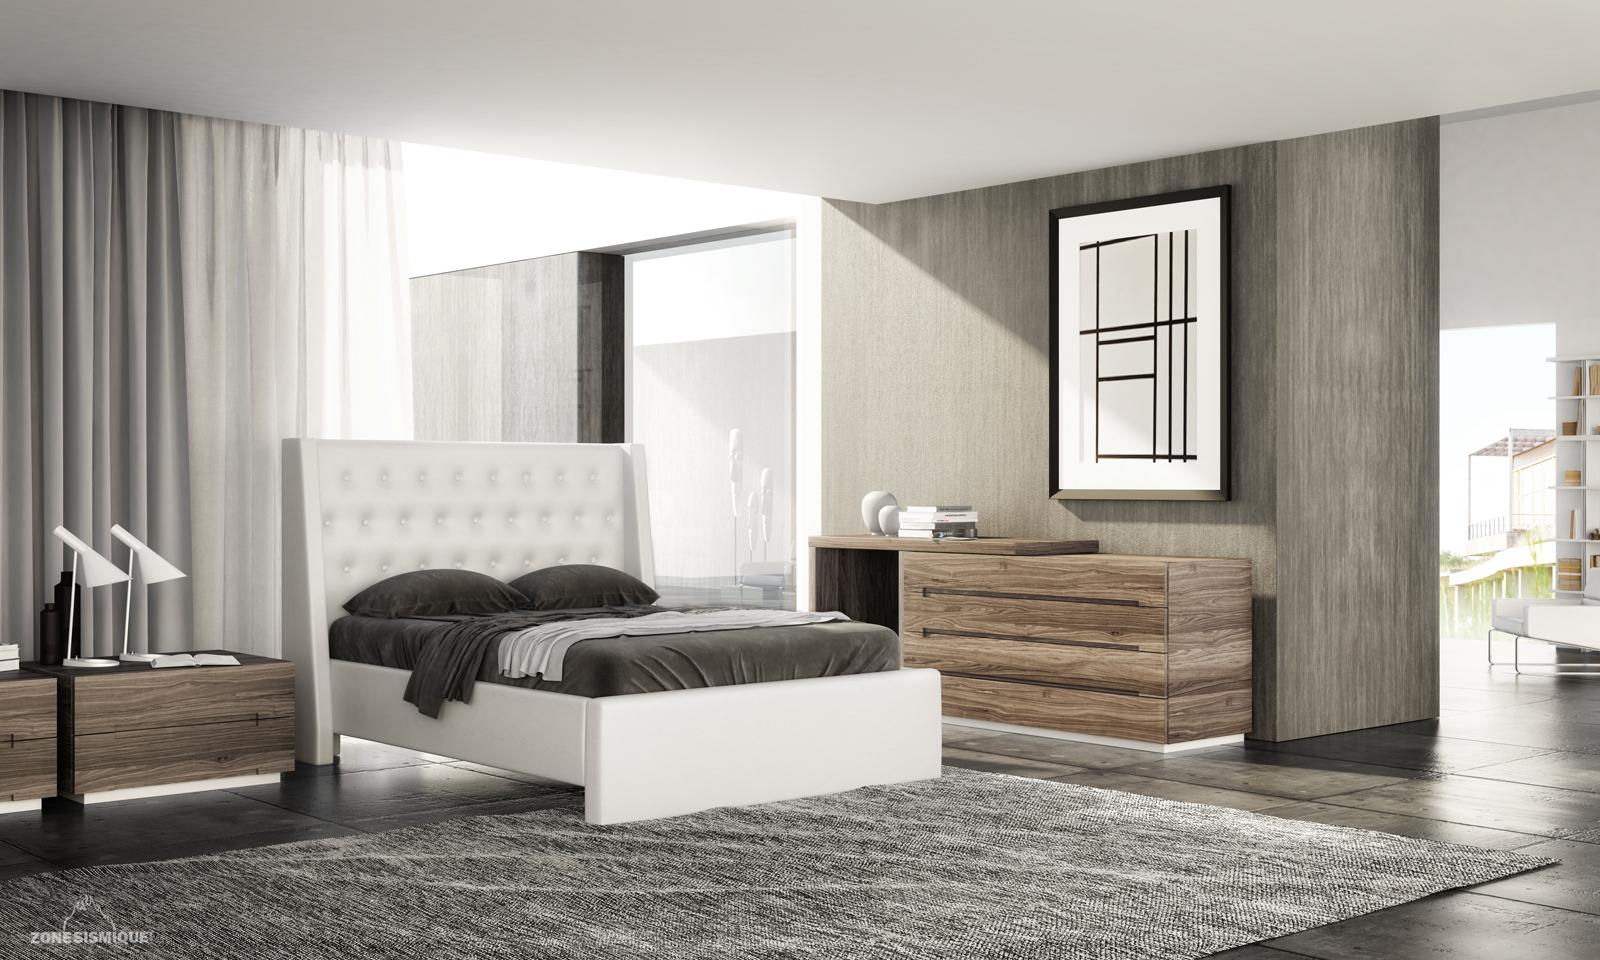 chambre 3d best chambre d vue maison de retraite with chambre 3d perfect nouveau de papier. Black Bedroom Furniture Sets. Home Design Ideas